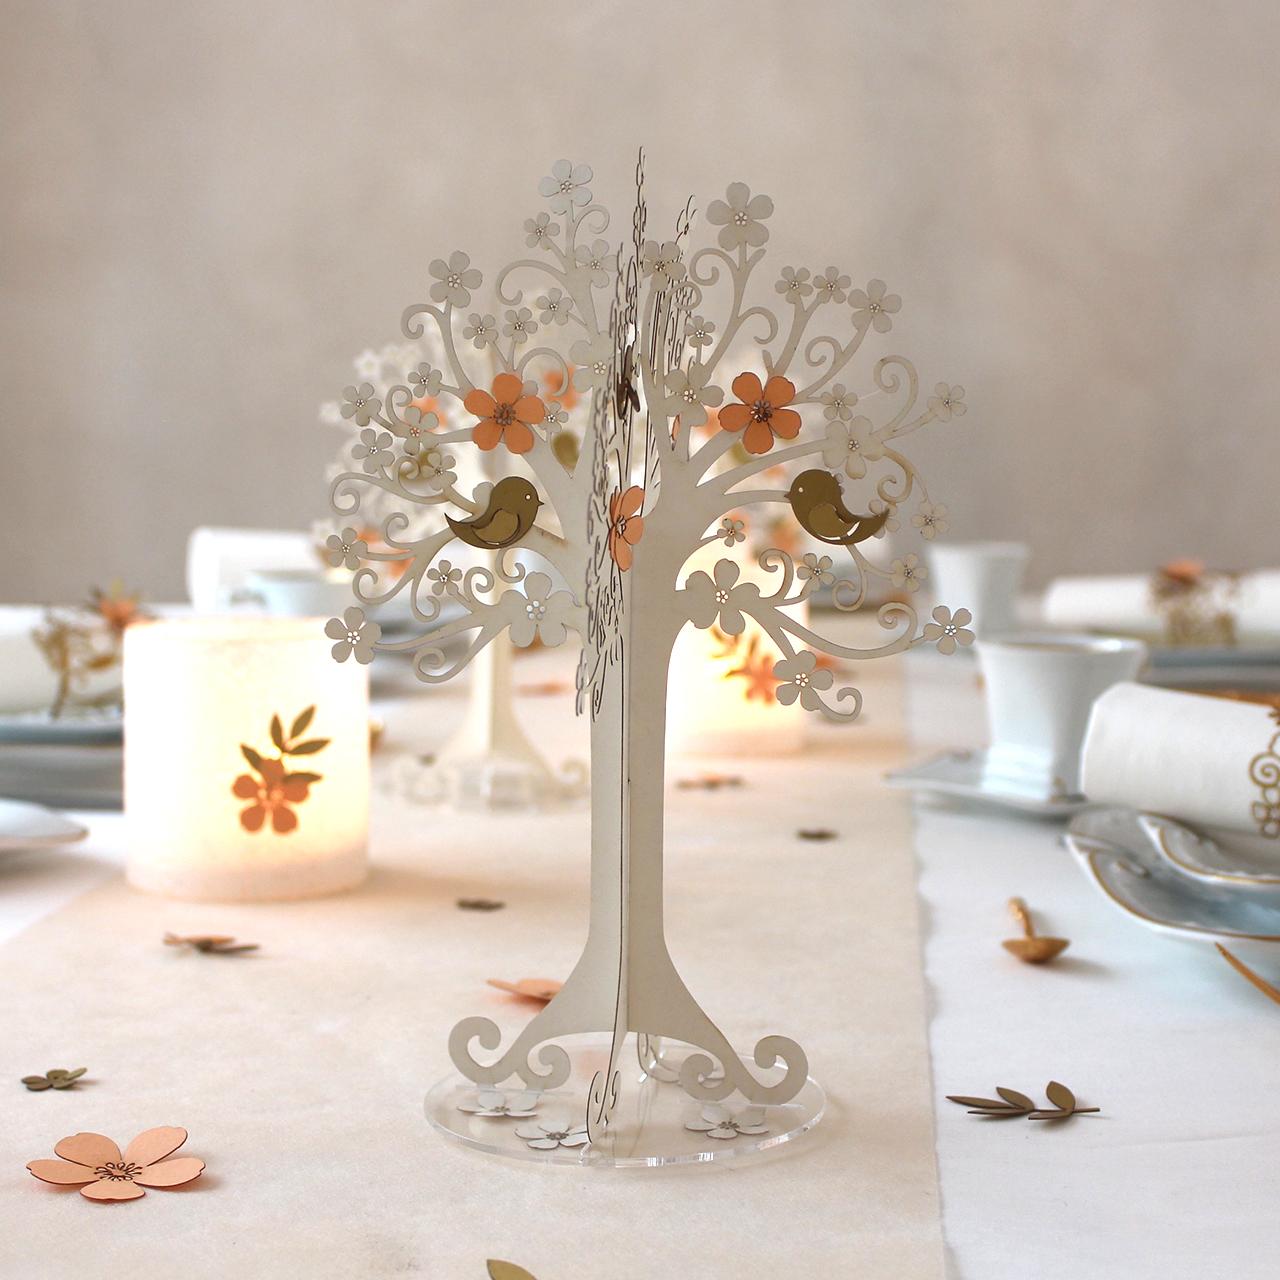 tischdeko hochzeit apricot gold kirschbl ten tischdeko geschenke. Black Bedroom Furniture Sets. Home Design Ideas